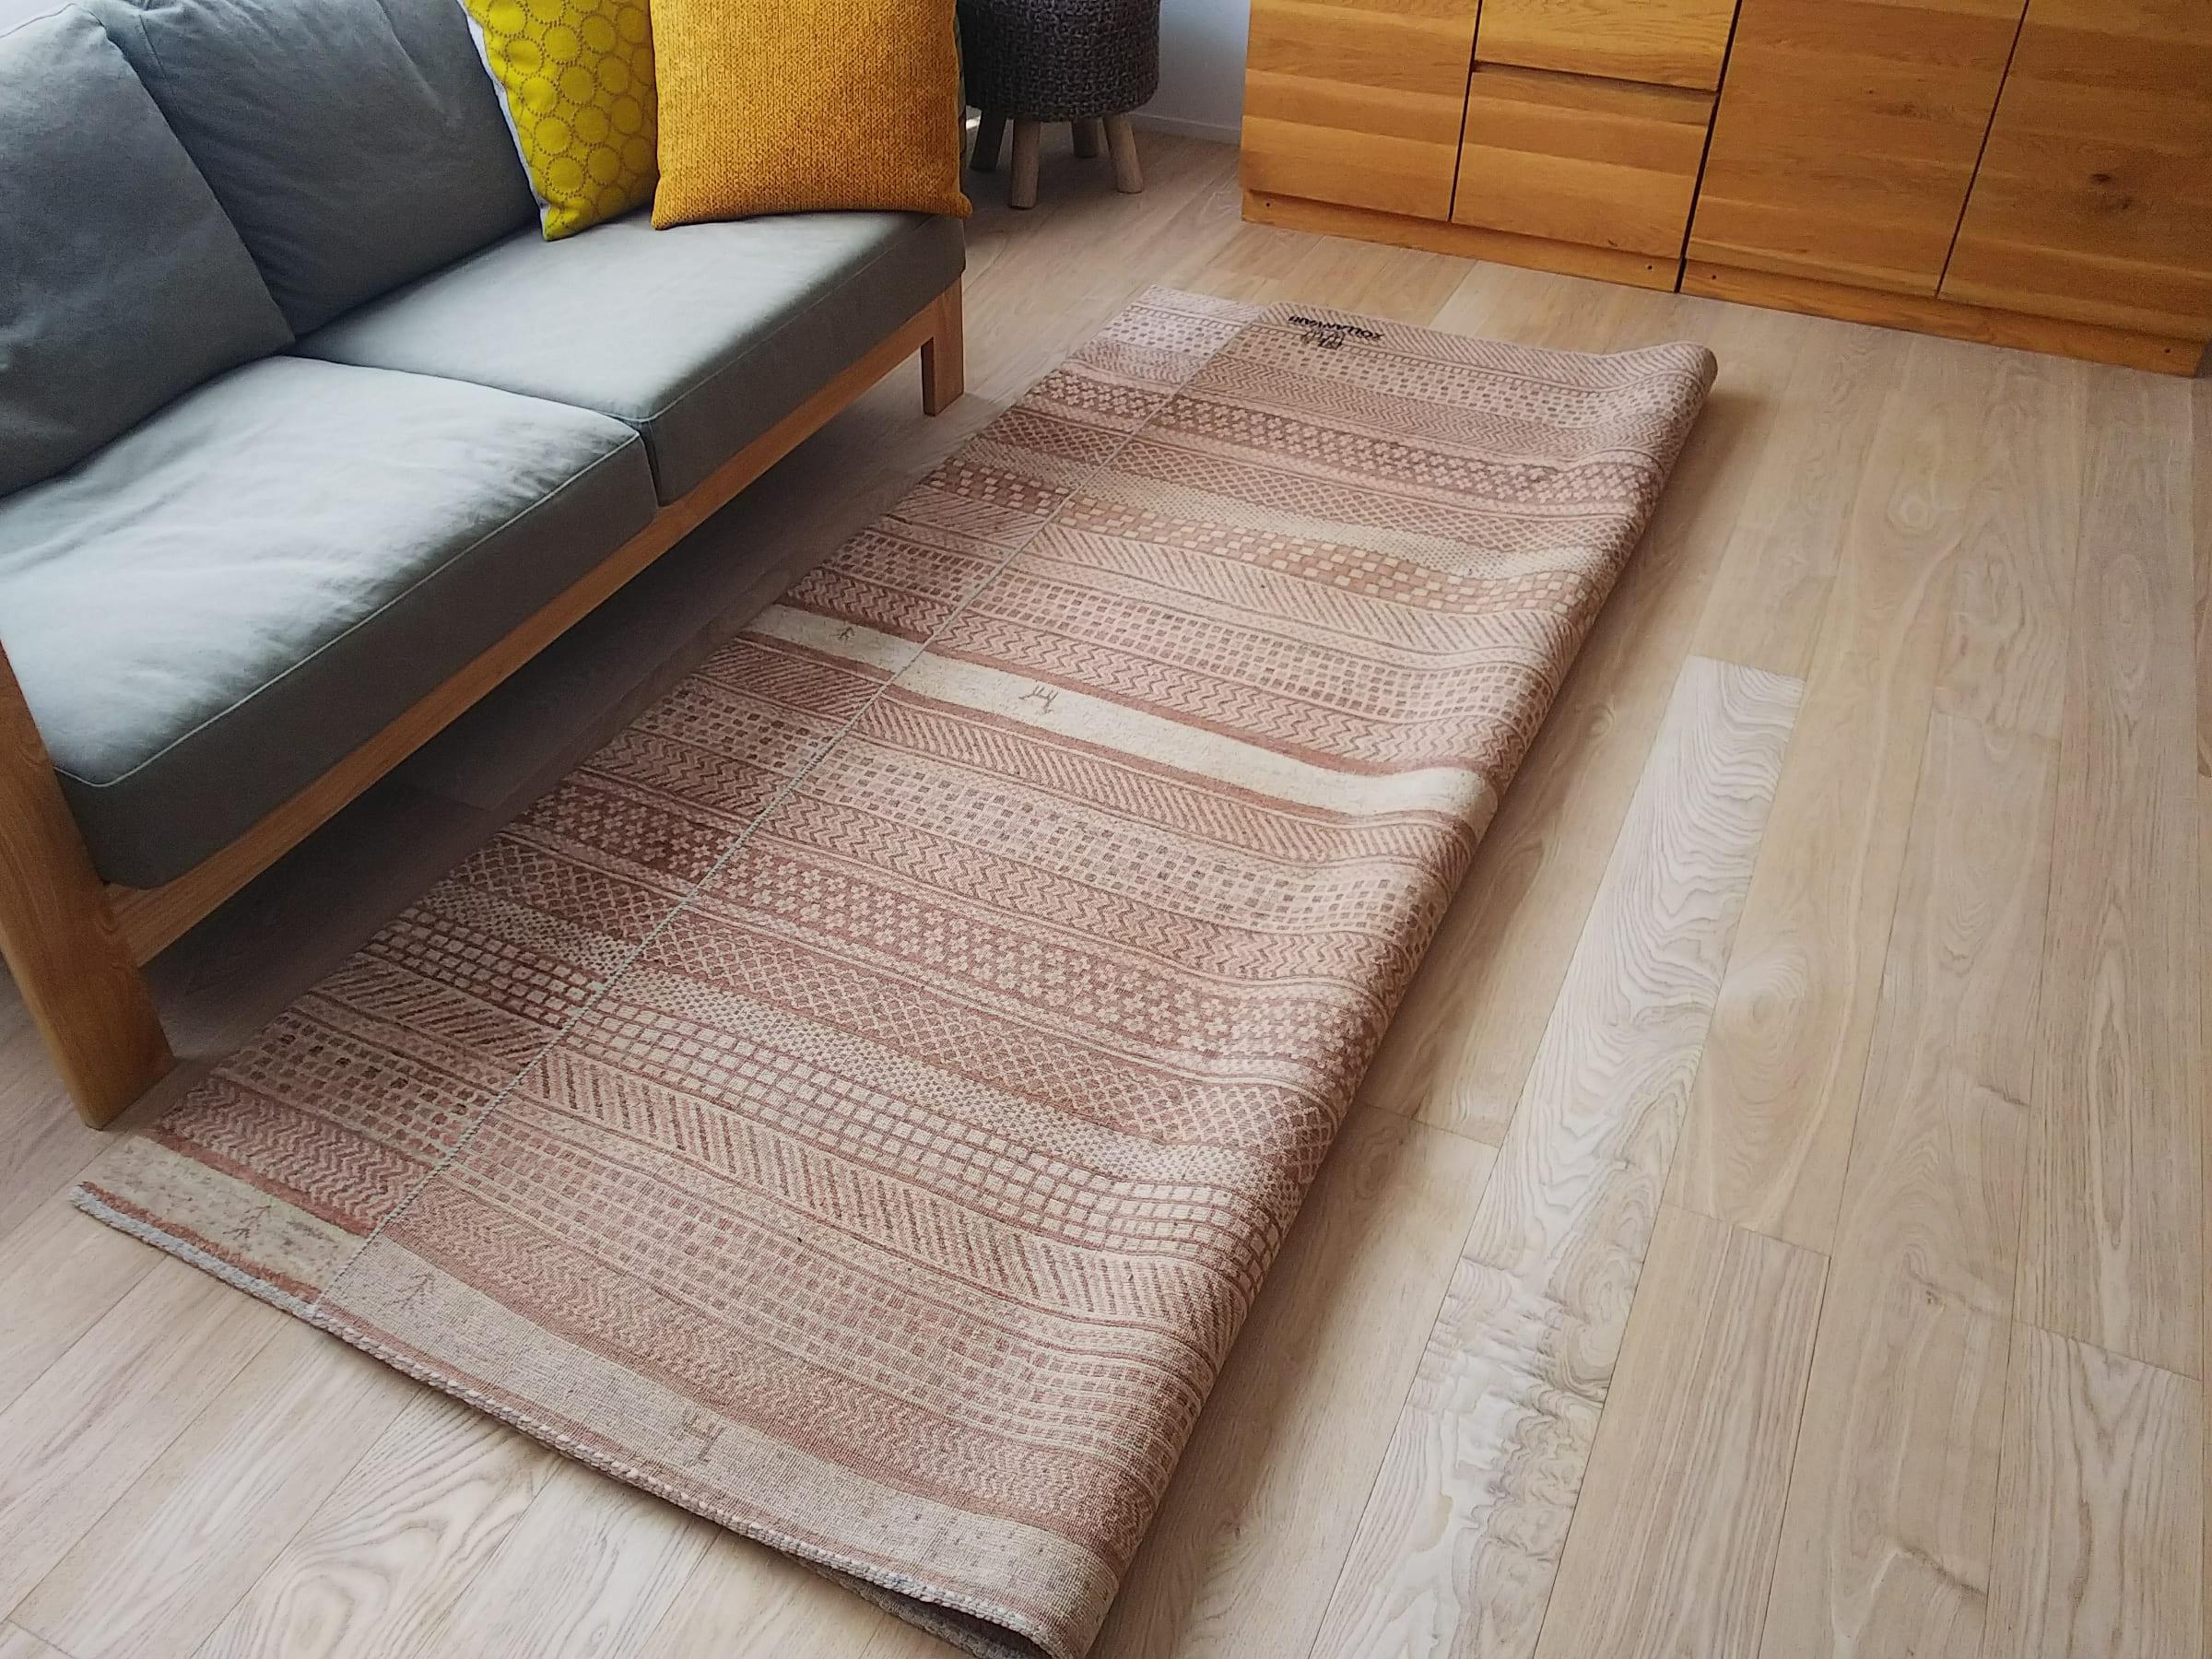 絨毯を敷いたまま半分めくっている様子